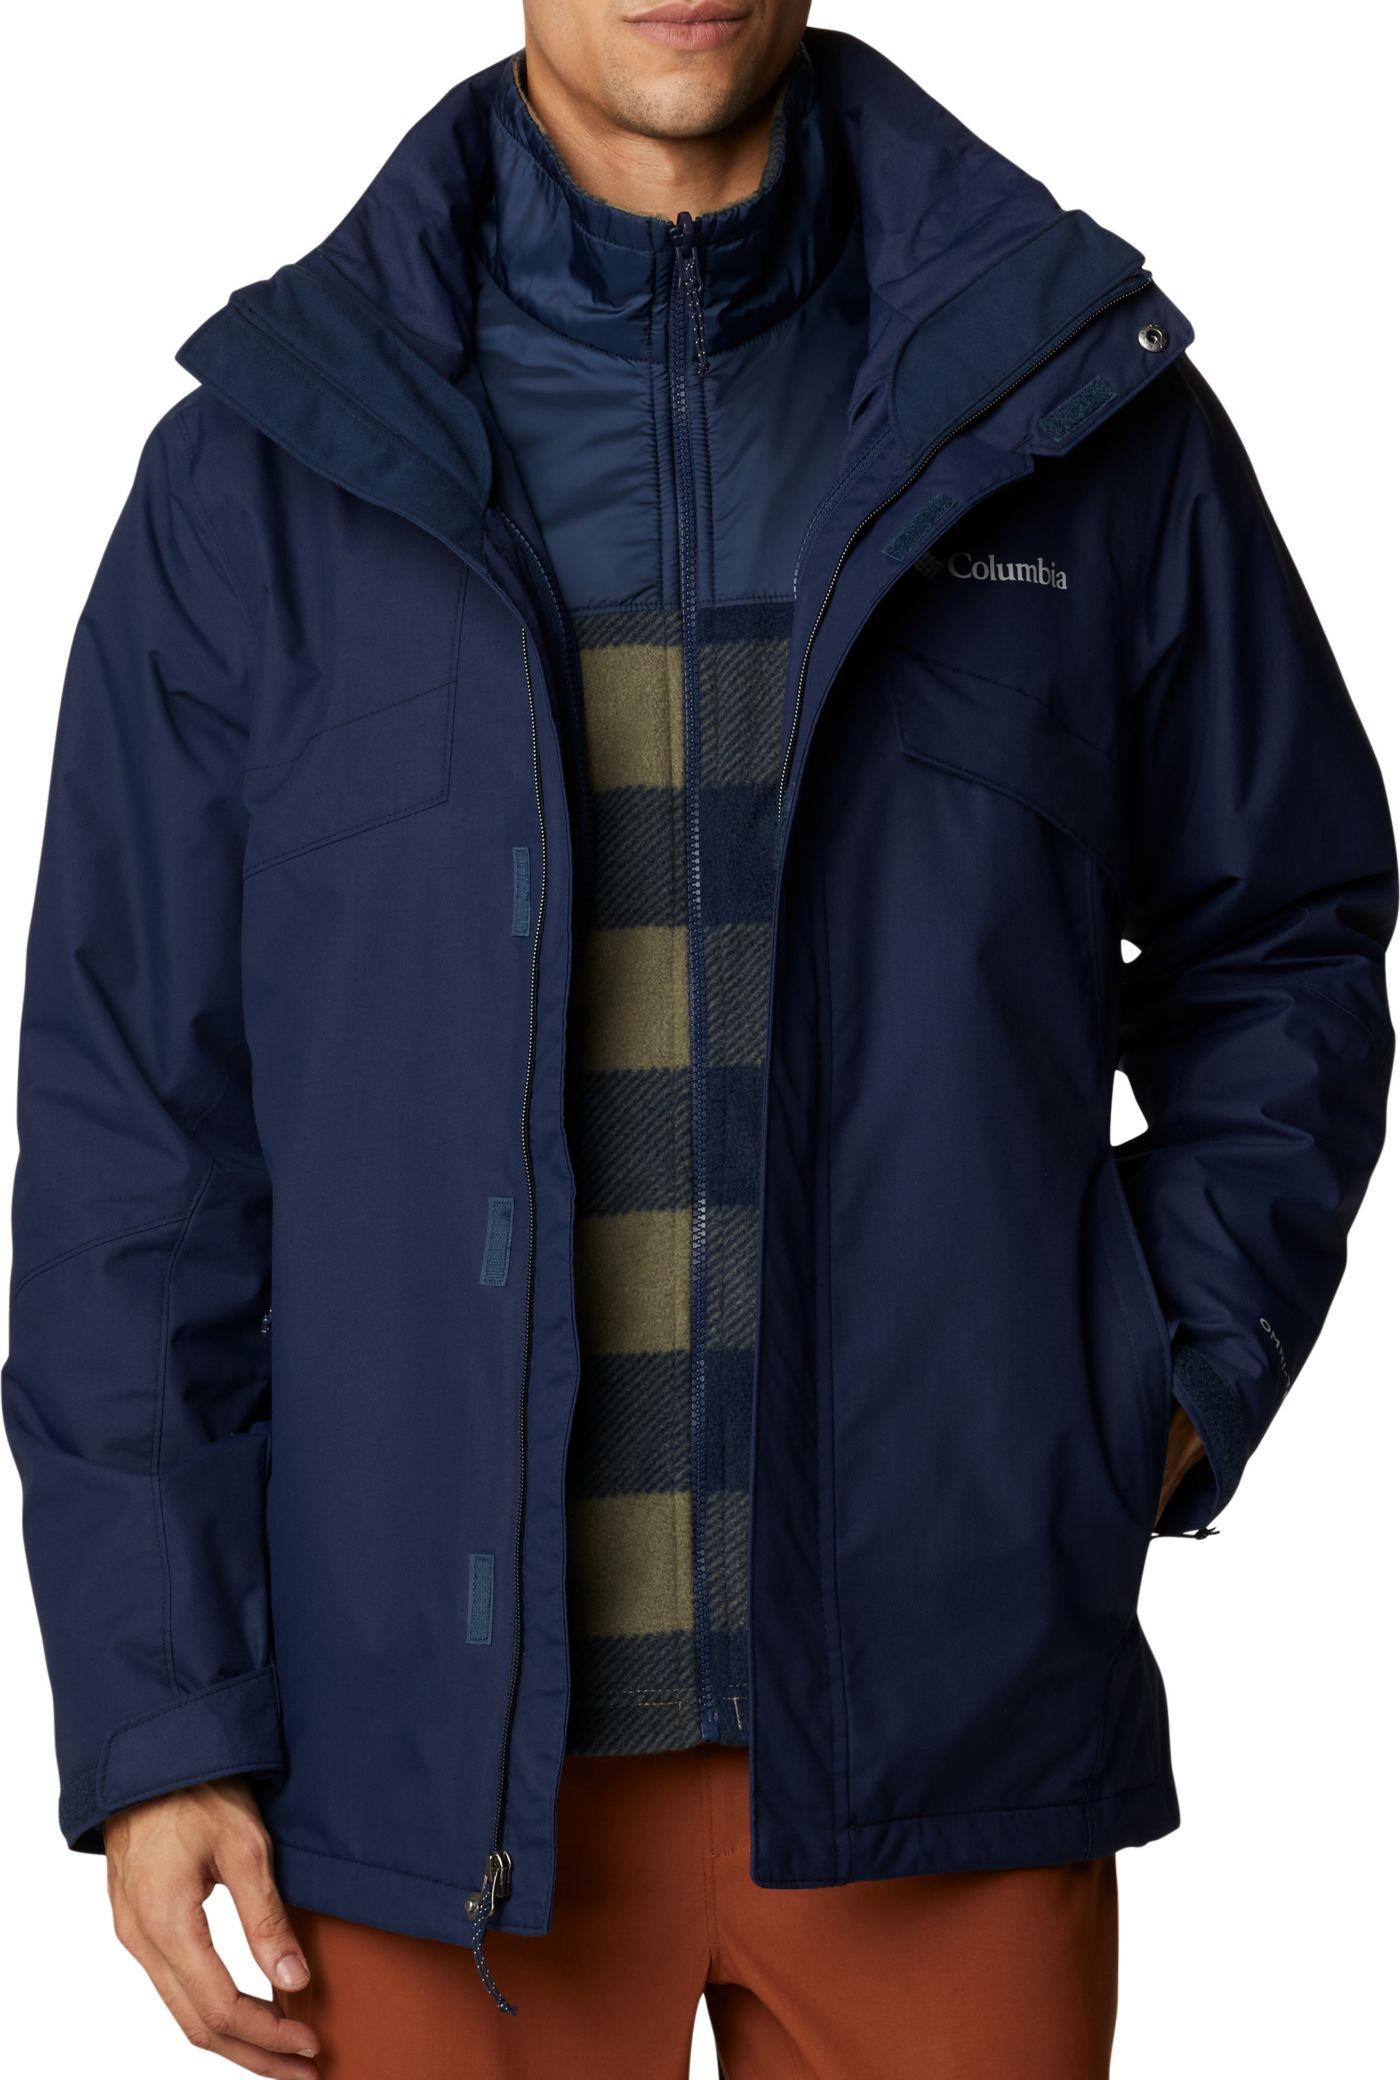 Columbia Men's Bugaboo II Fleece Interchangeable Jacket (Regular and Big & Tall)